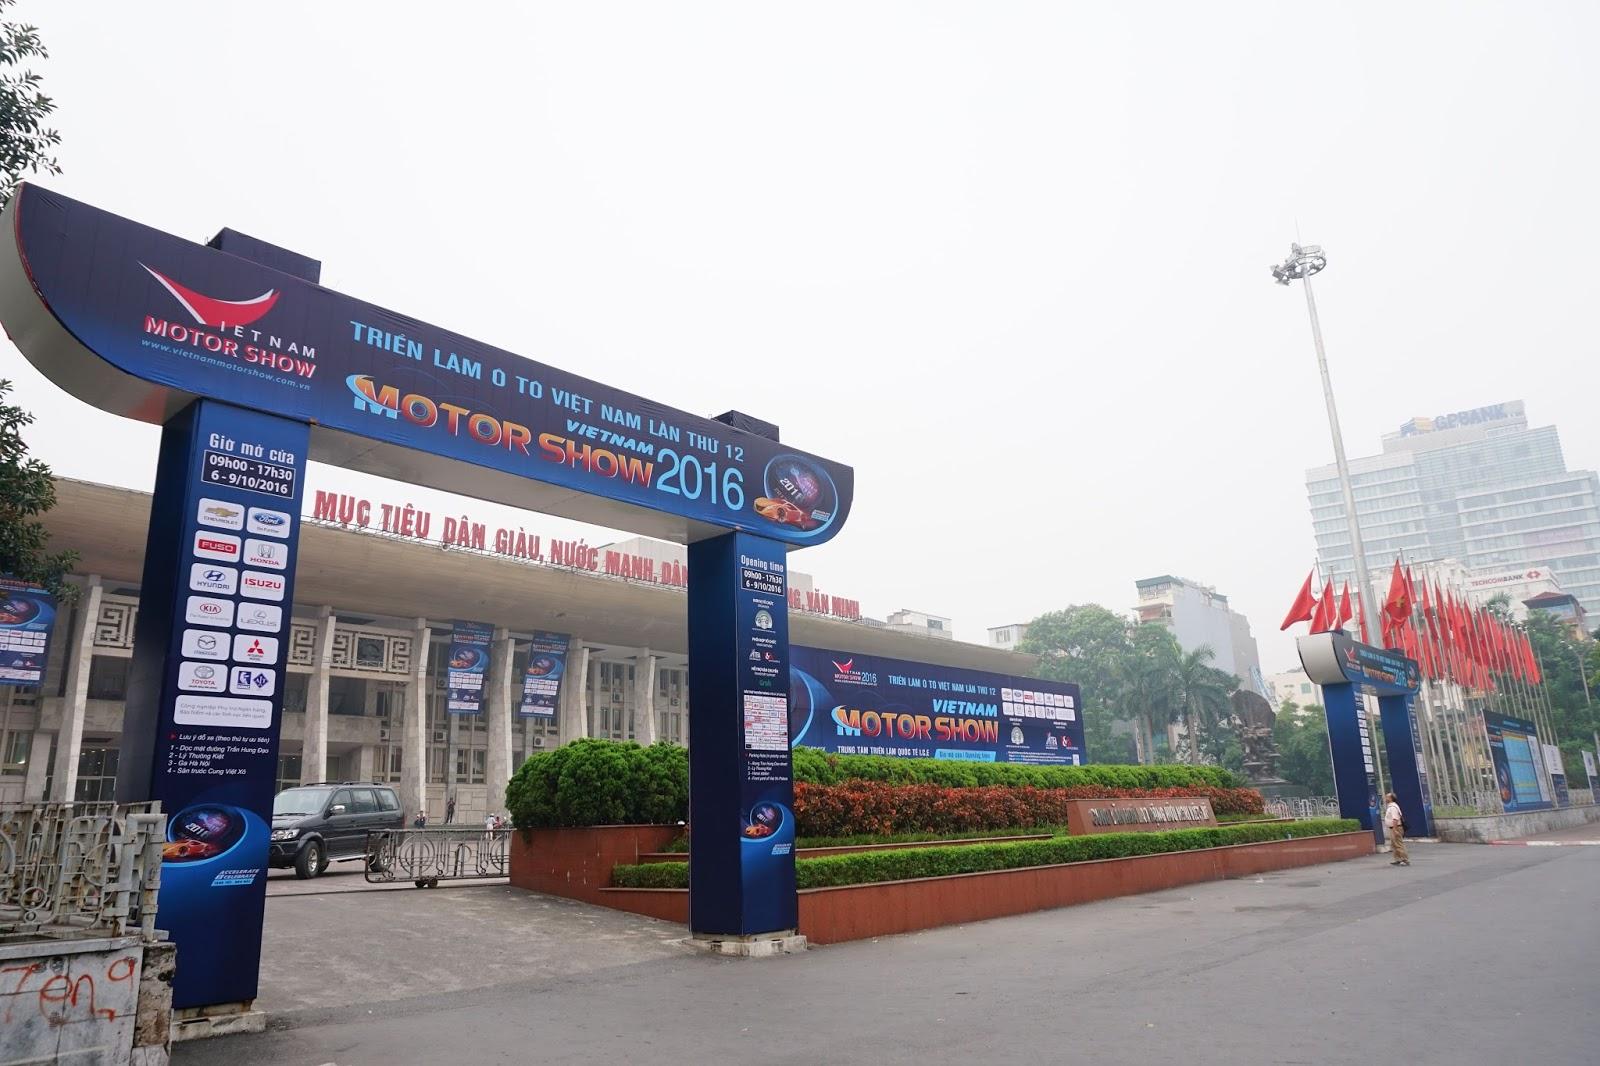 Vietnam Motor Show 2016 năm nay tổ chức tại Cung Văn Hoá Lao Động Hữu Nghị Việt Xô